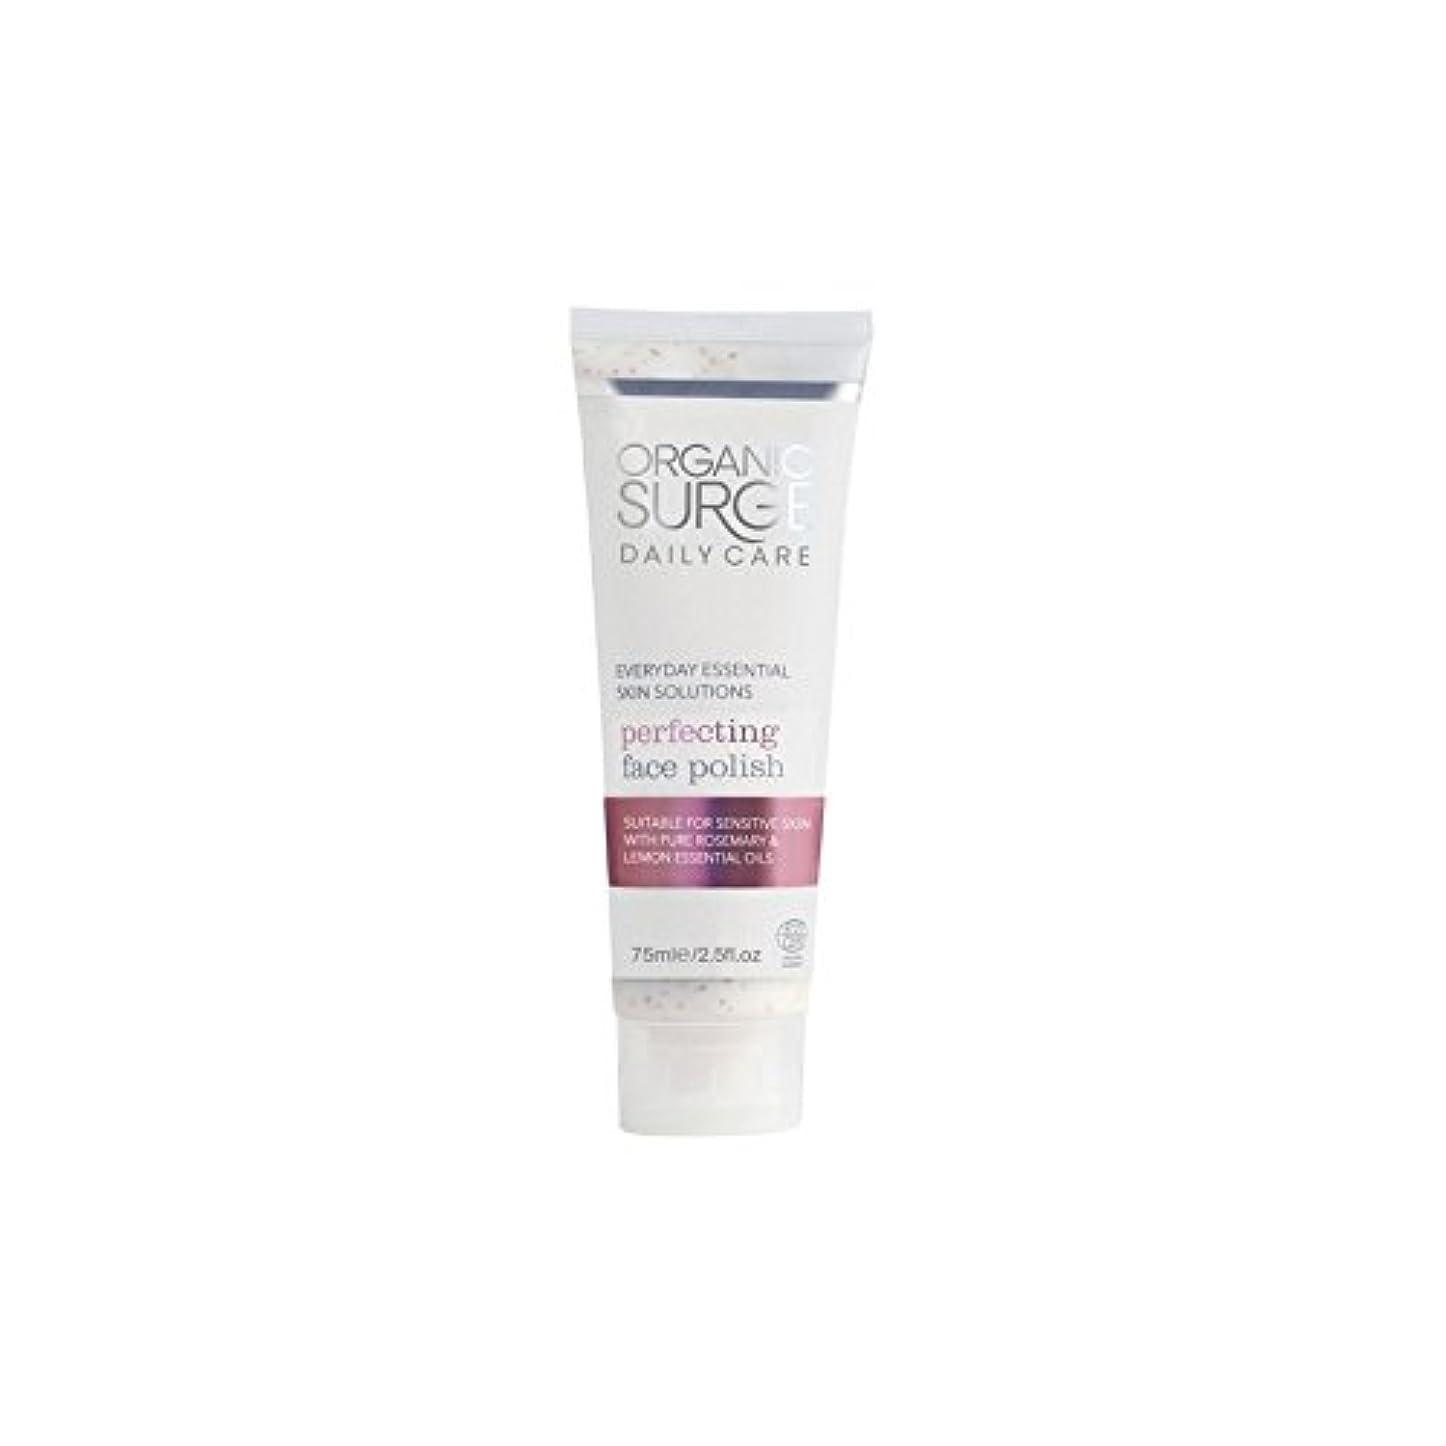 実際のパンツ代名詞Organic Surge Daily Care Perfecting Face Polish (75ml) - 面研磨を完成有機サージ毎日のケア(75ミリリットル) [並行輸入品]